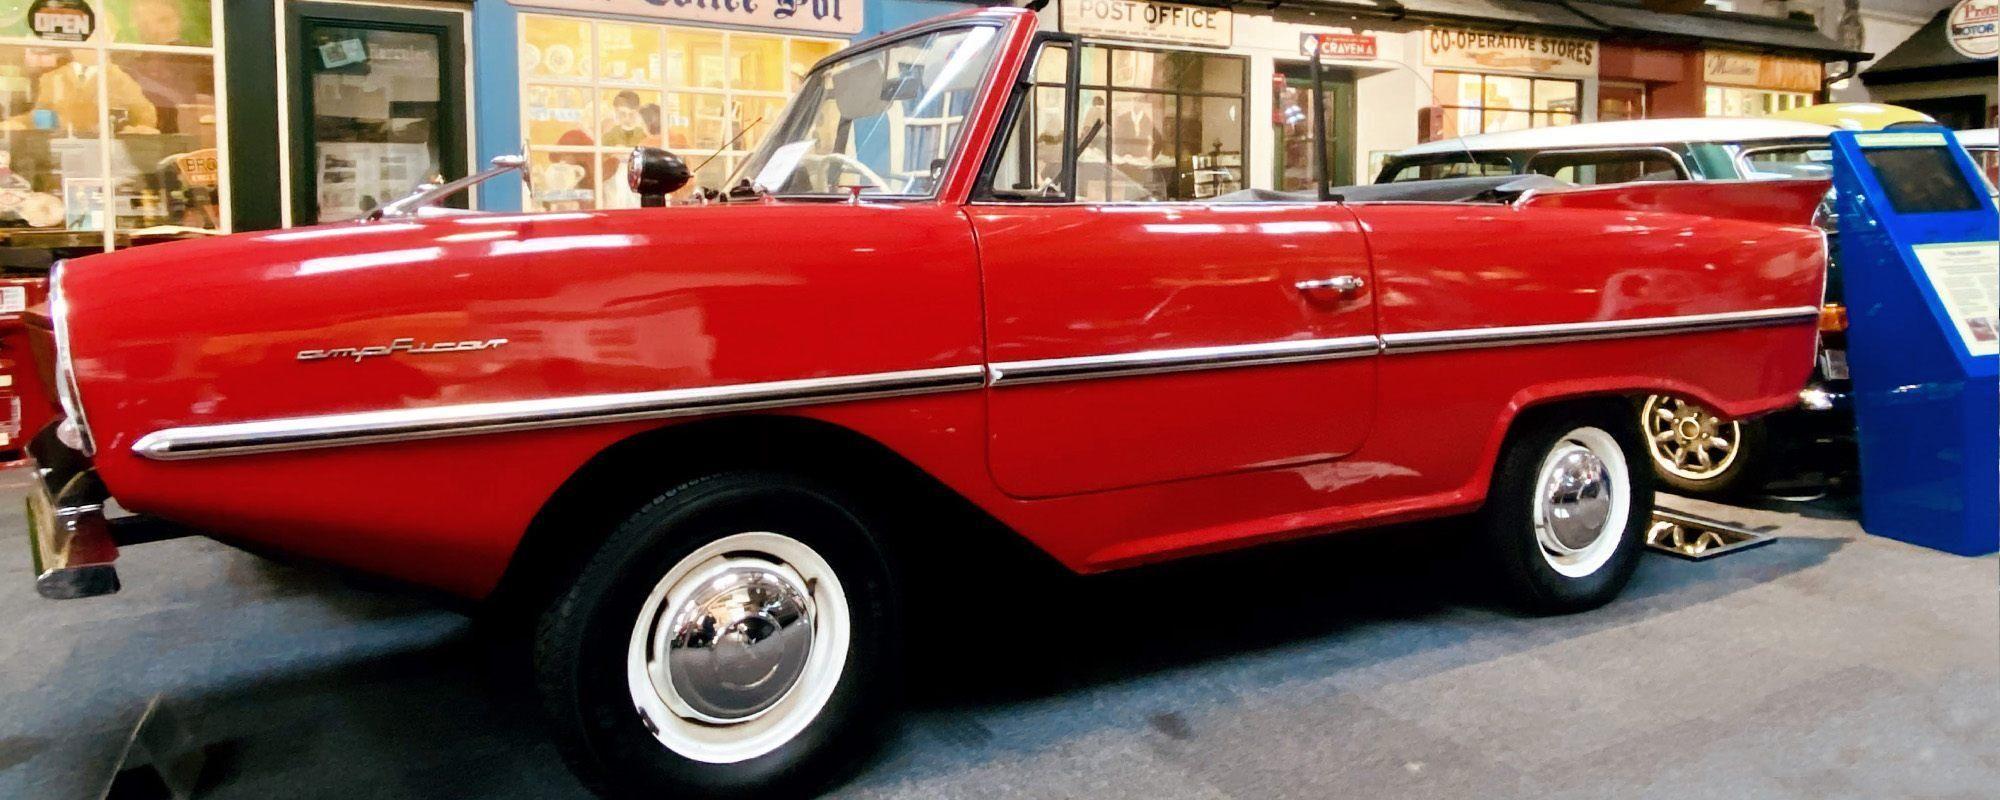 Amphicar in pride of place at Lakeland Motor Museum